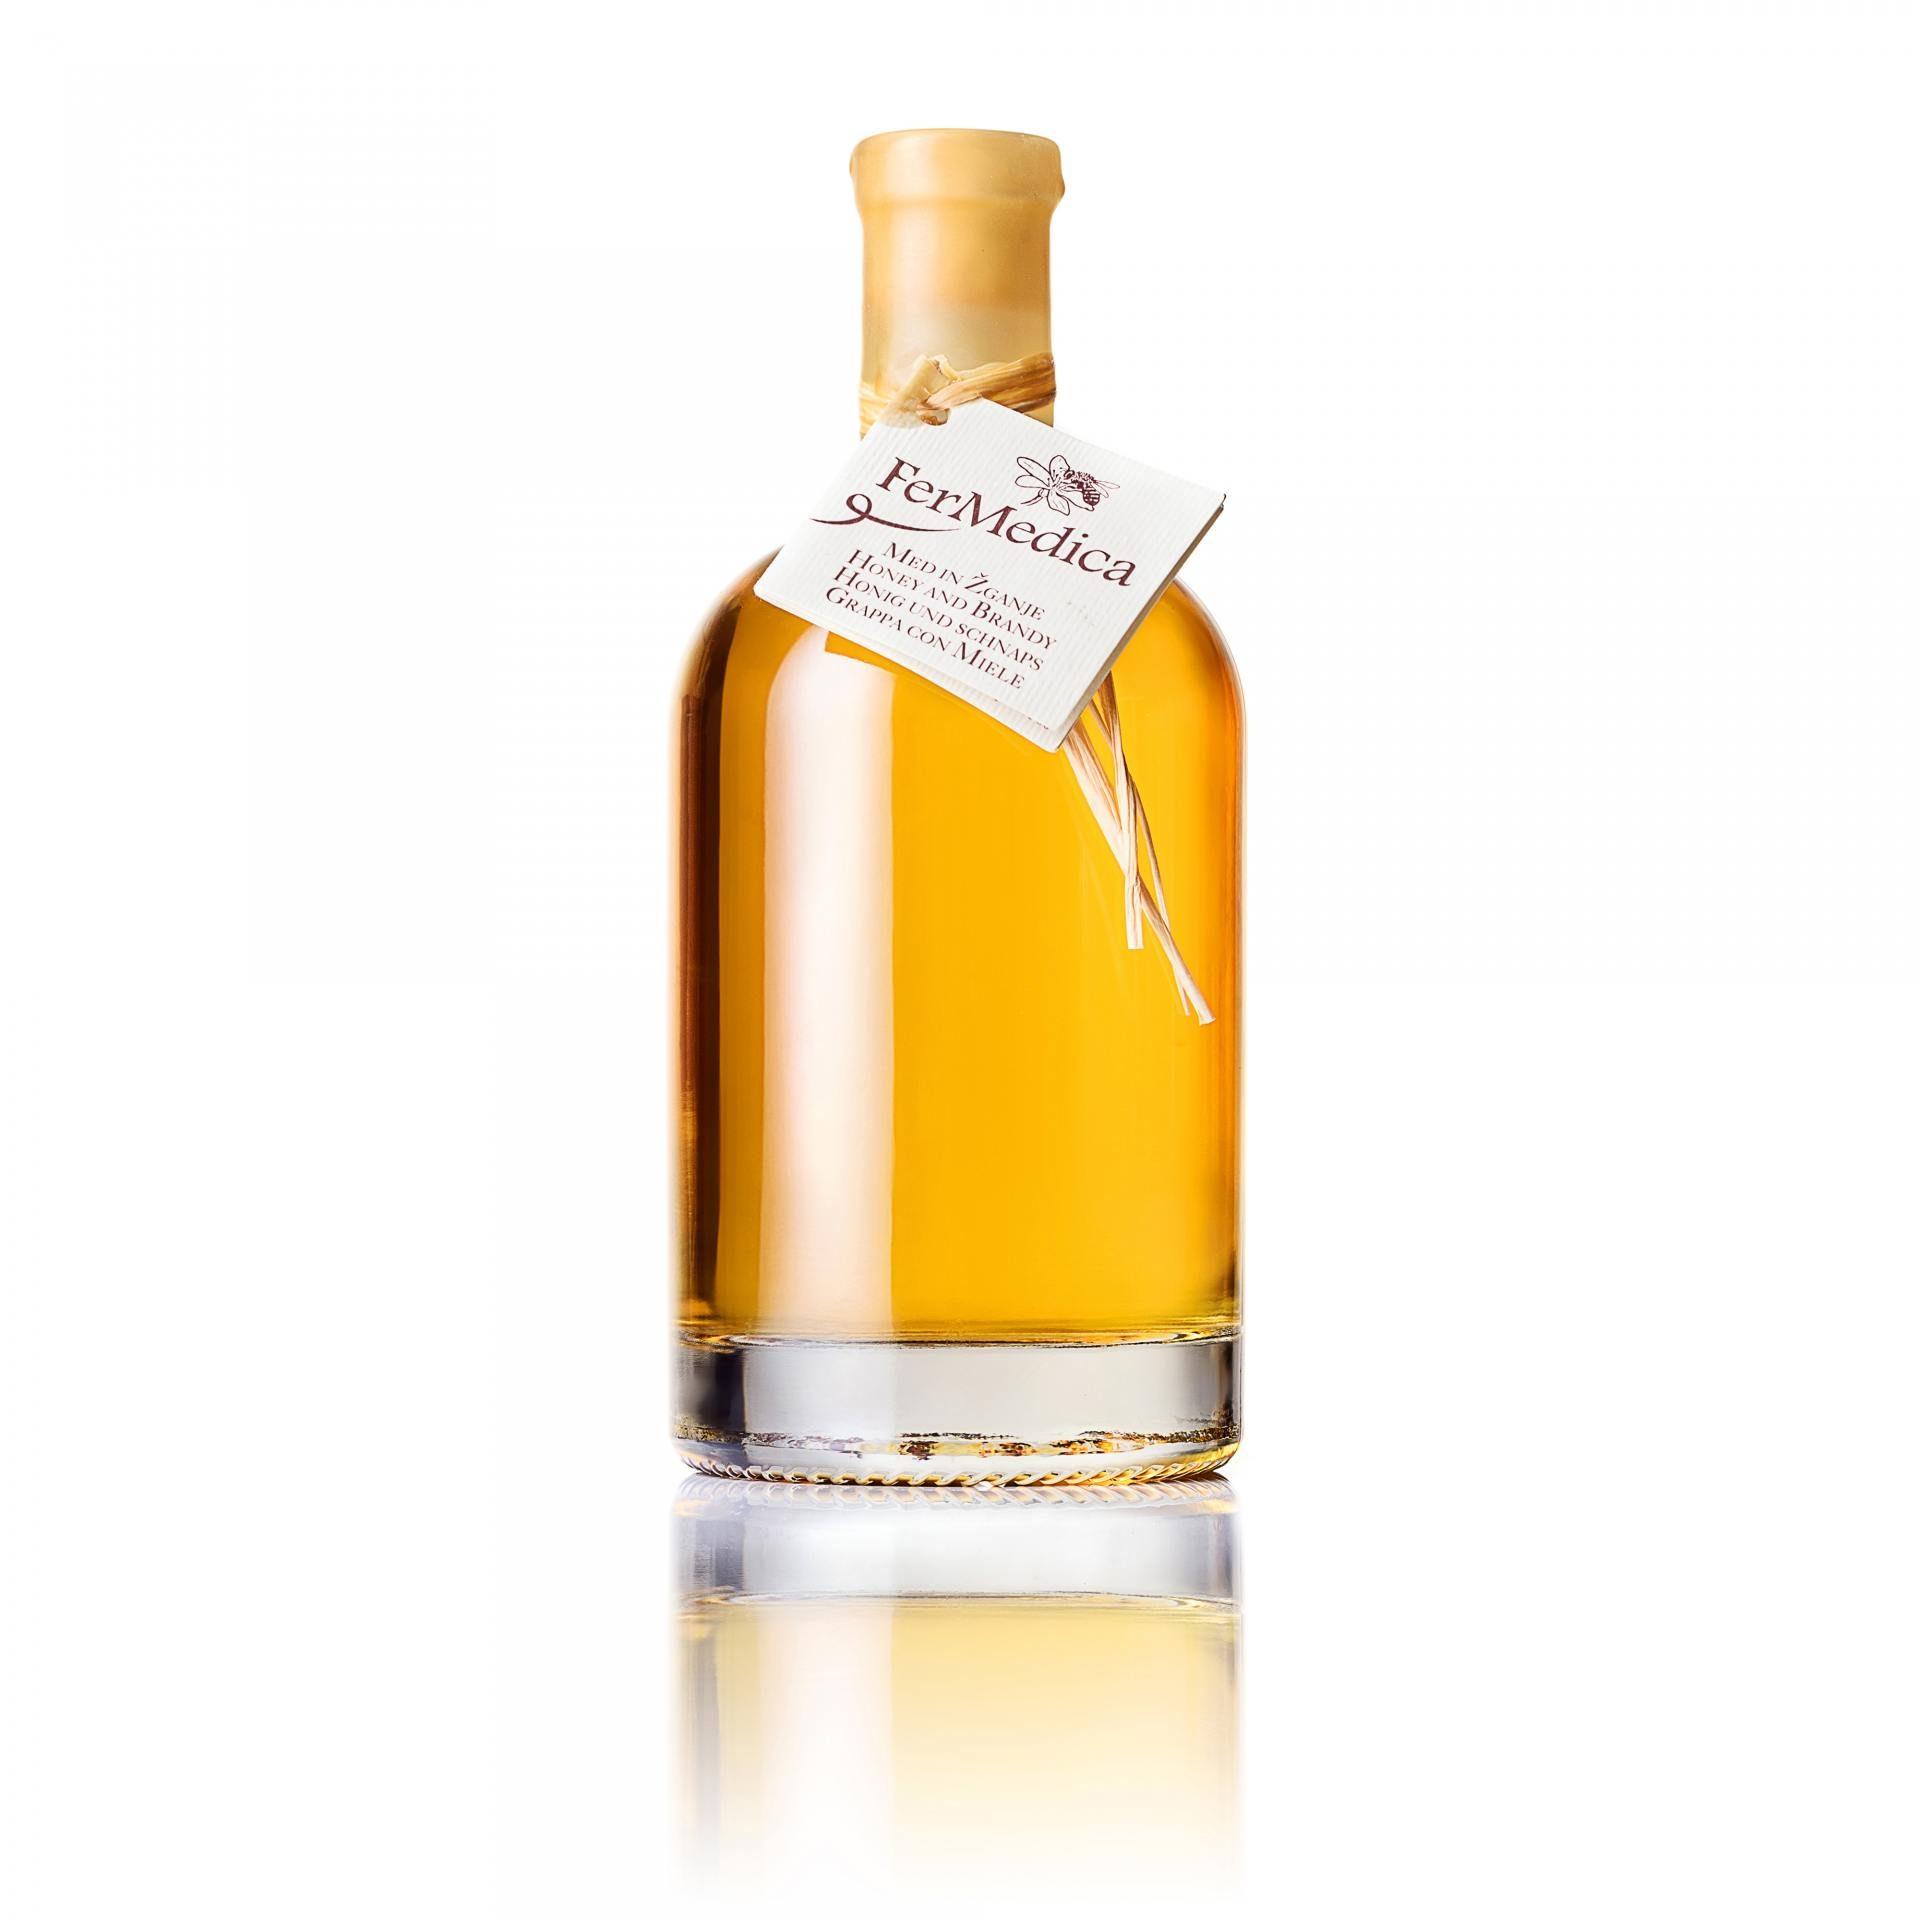 Med in žganje, med z dodatki, darilni seti v lični embalaži fermedica 2